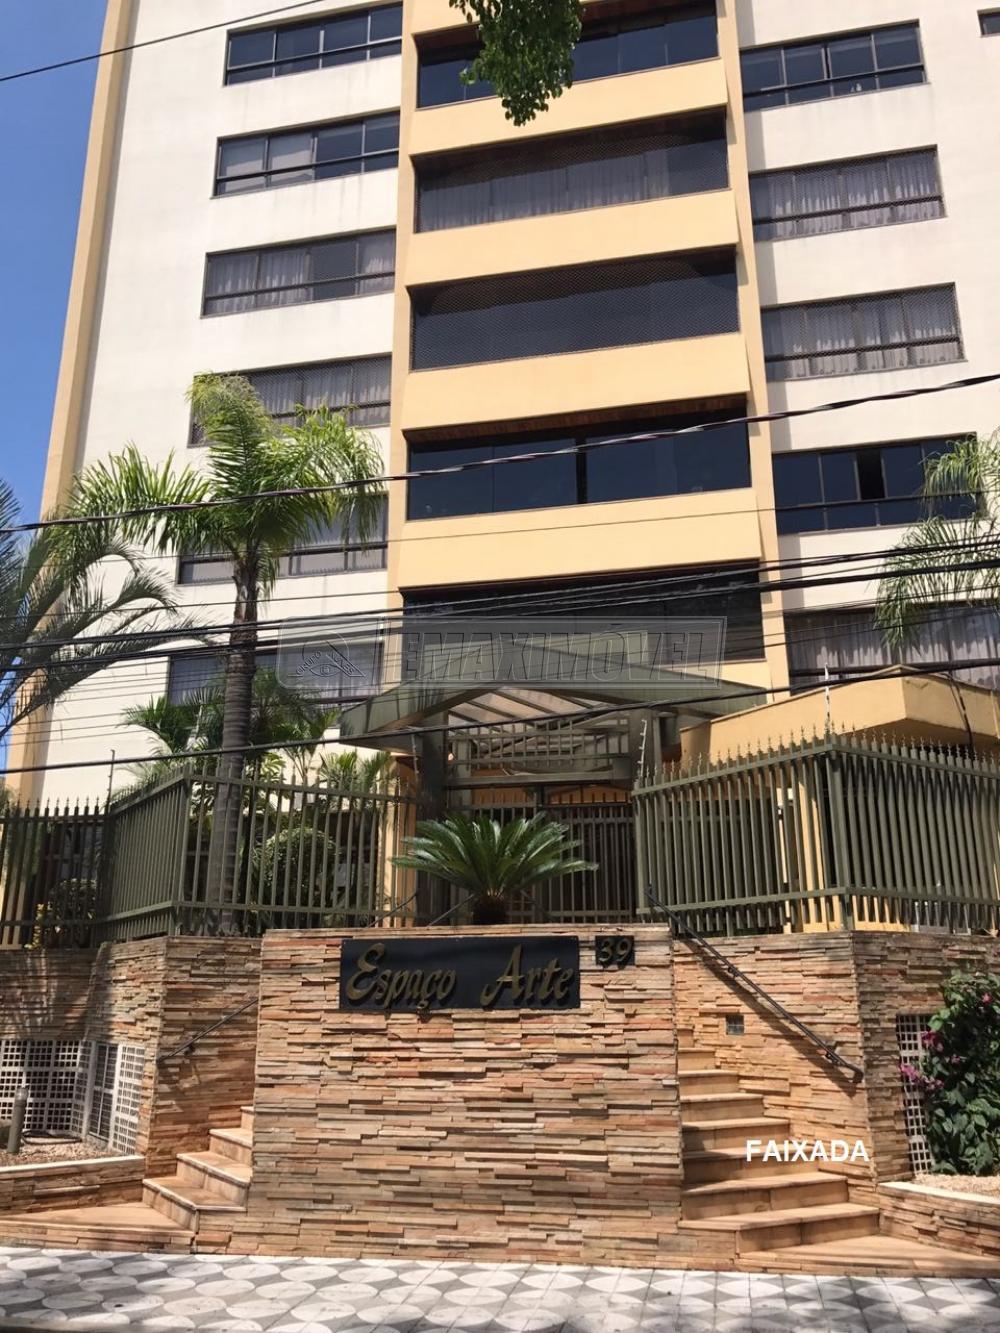 Comprar Apartamento / Padrão em Sorocaba R$ 1.500.000,00 - Foto 1